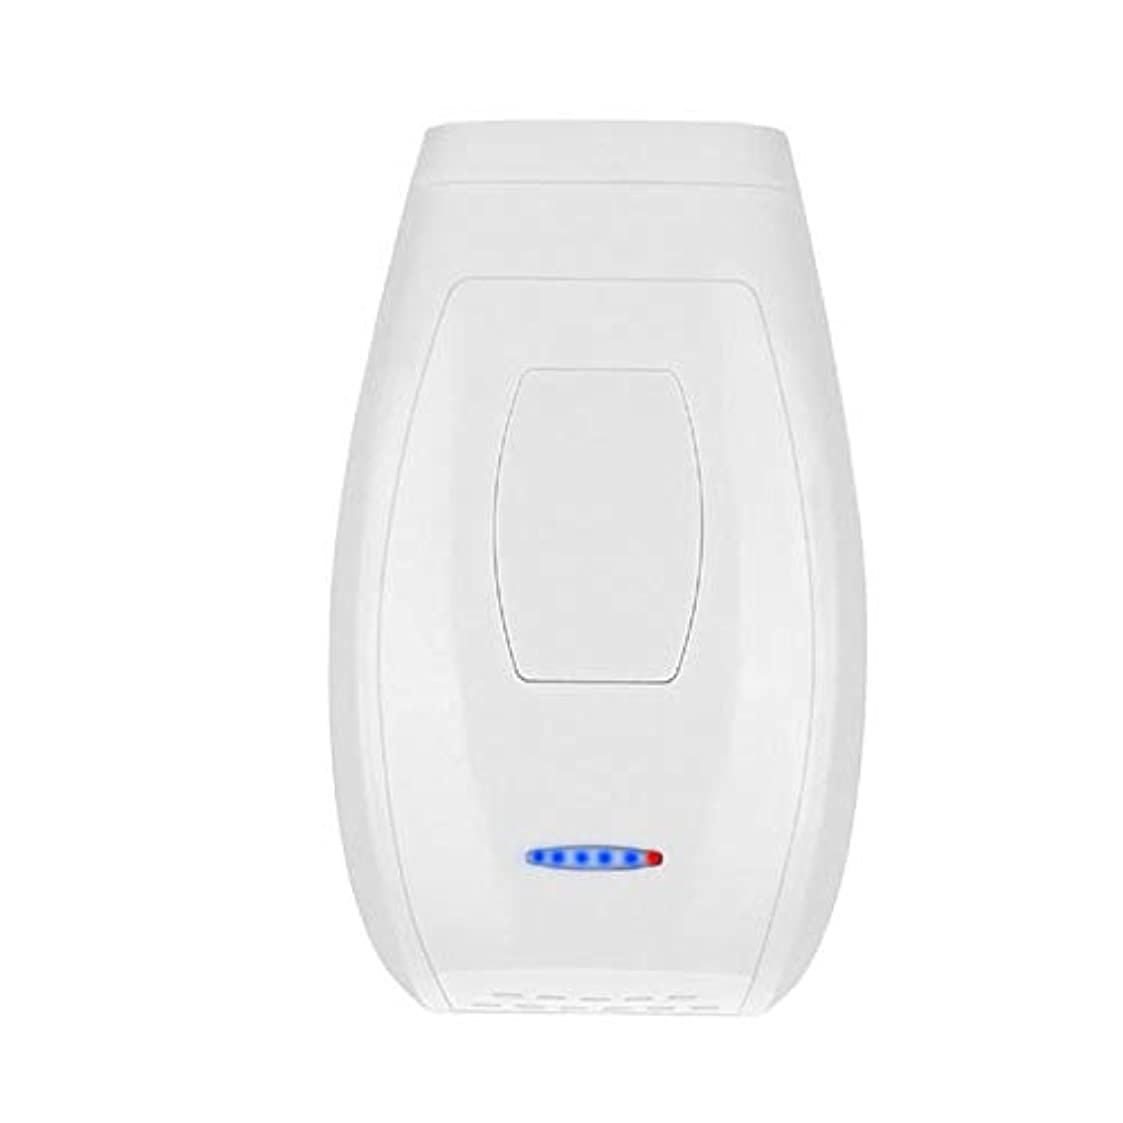 Nuanxin ホワイト、クォーツチューブ、肌に害がない、携帯用痛みのないパーマネントヘアリムーバー、5スピード調整、サイズ13.4 X 8 X 4.5 Cm F30